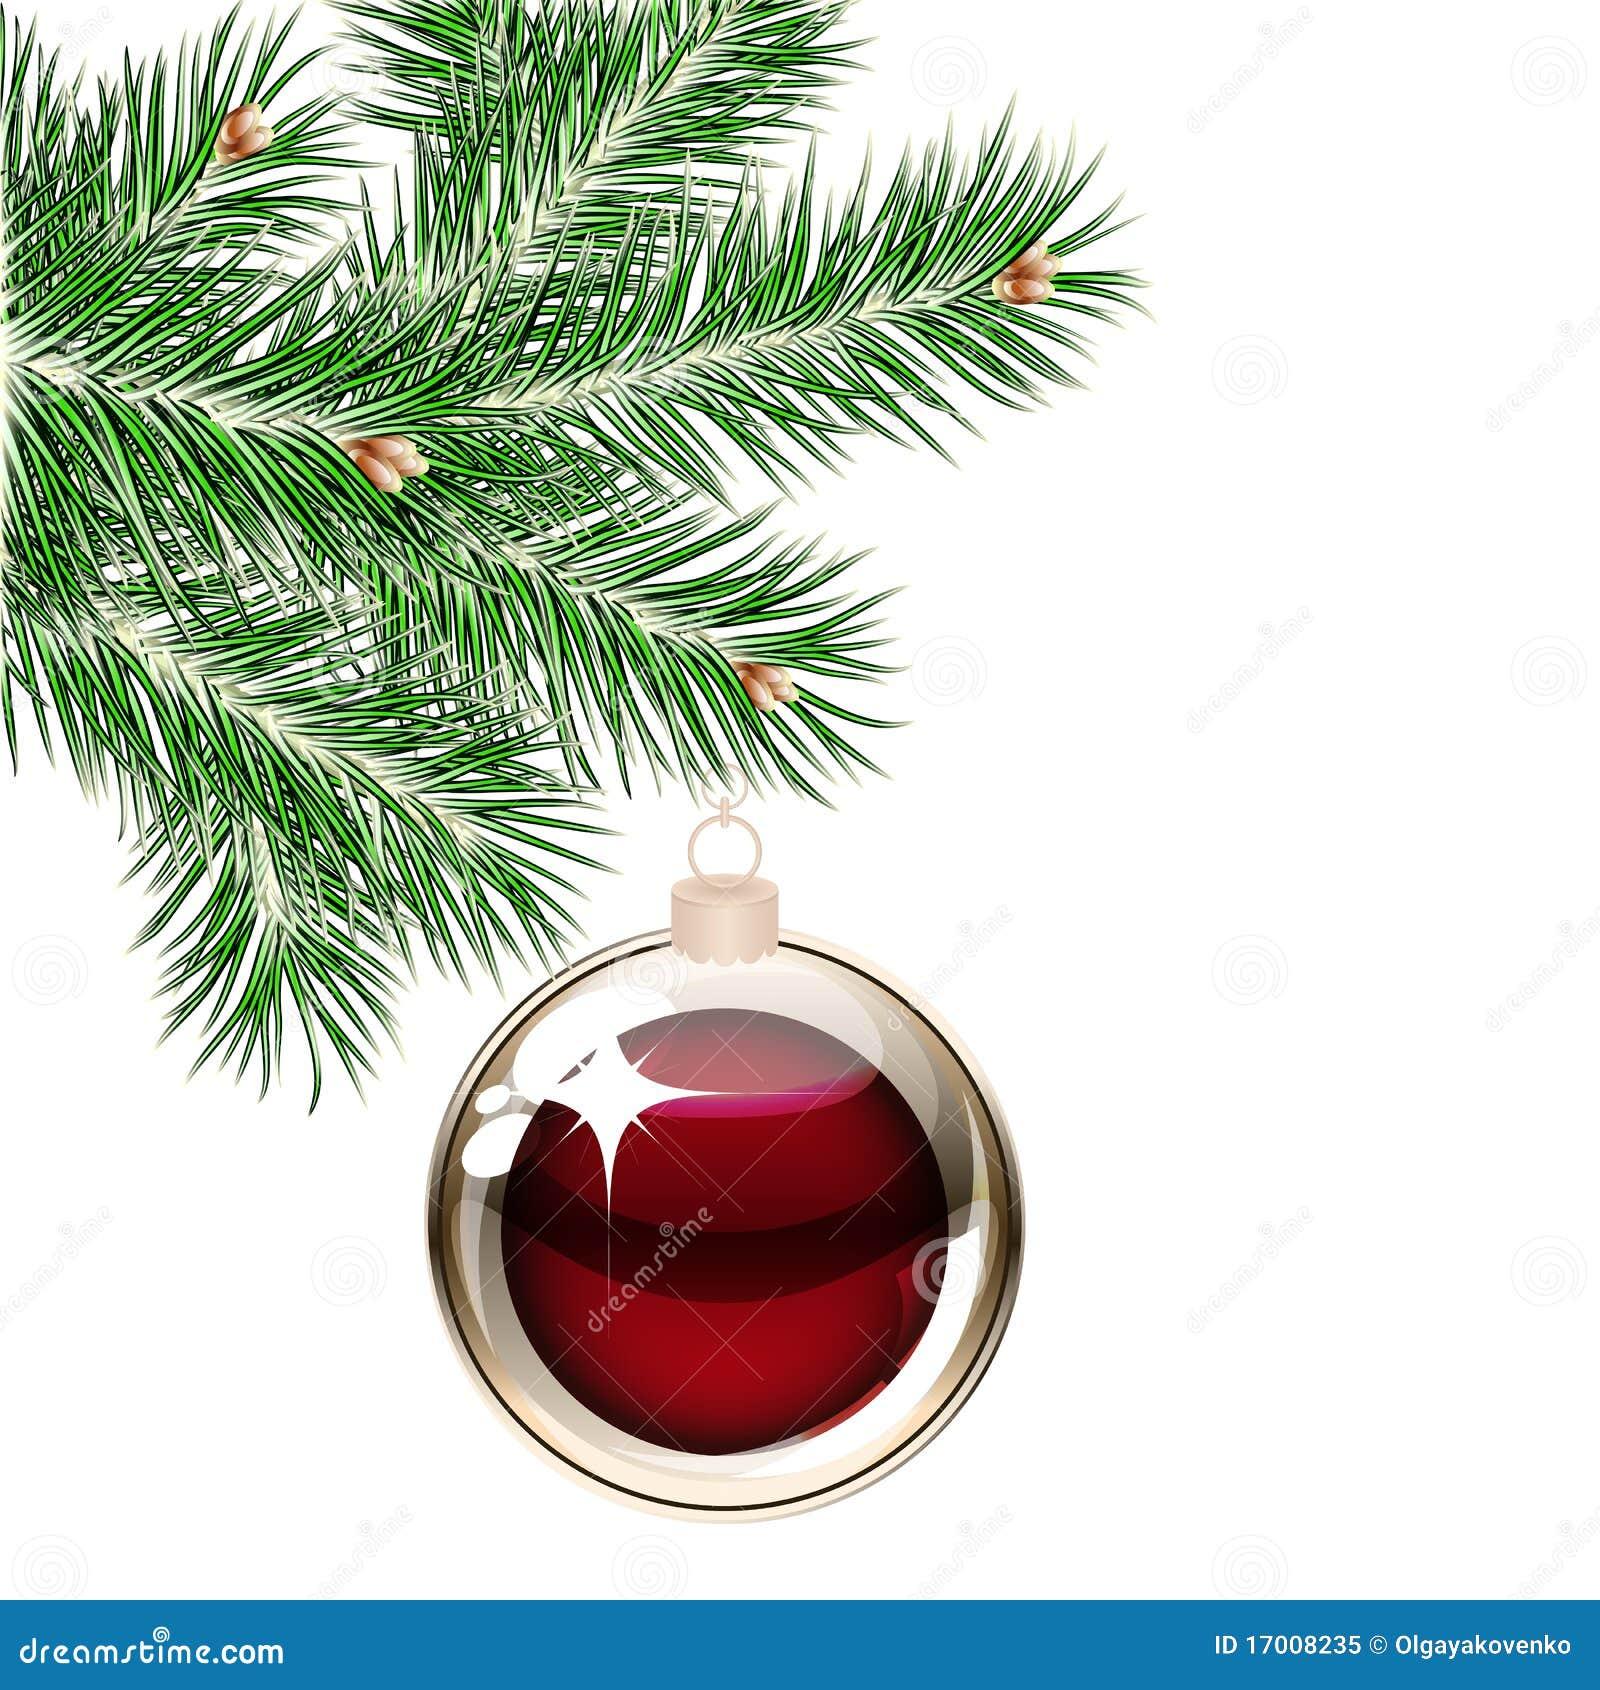 Rbol de navidad y bolas transparentes foto de archivo - Bola de navidad con foto ...